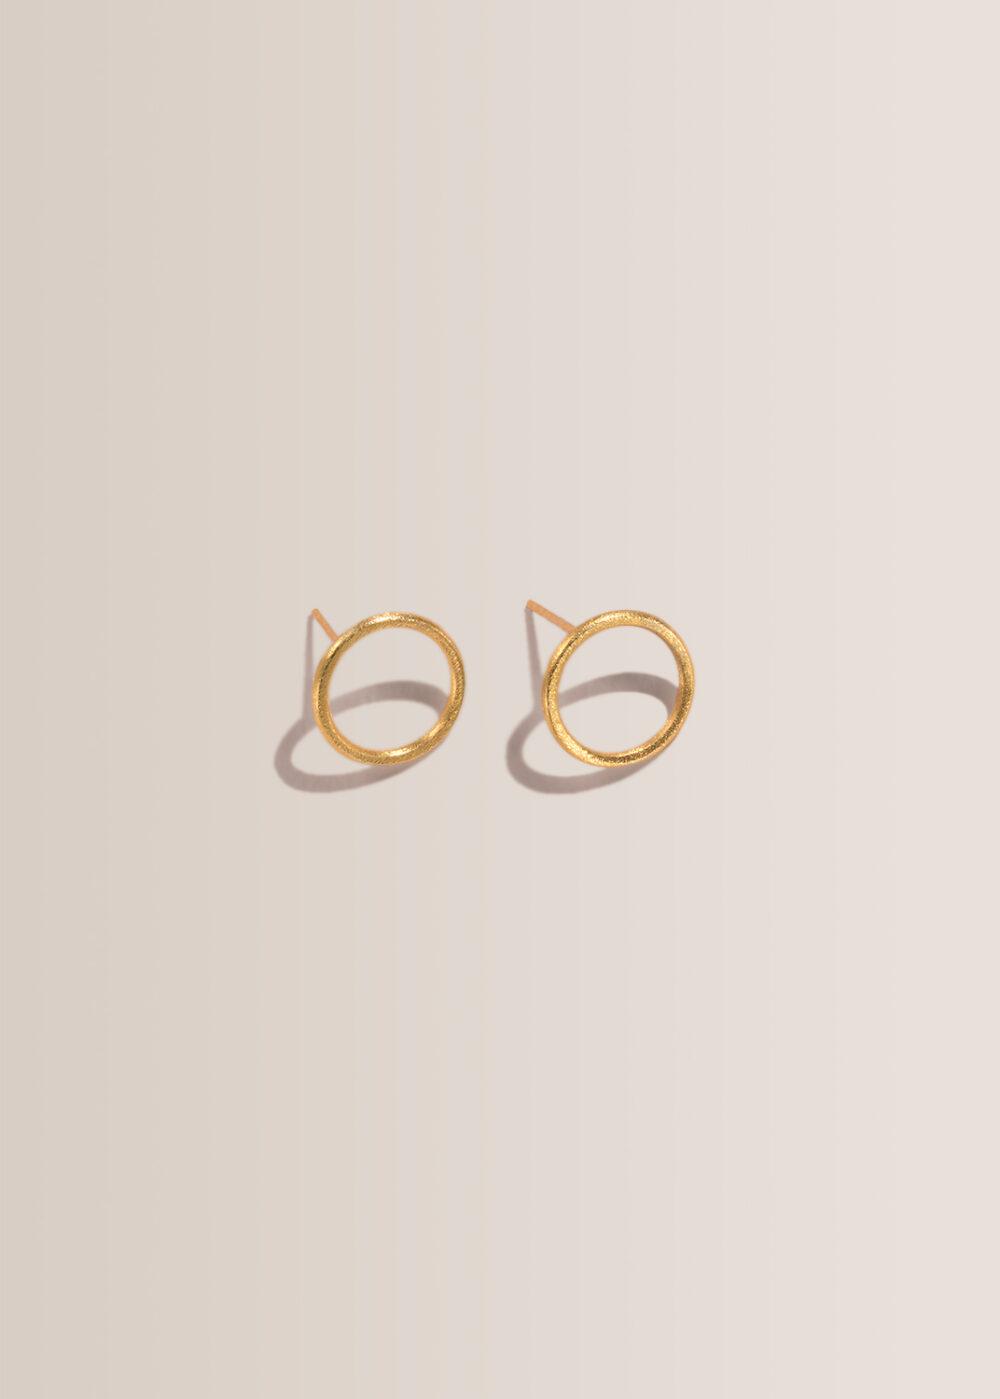 Alexia-Kreise-Ohrringe-gold-klein